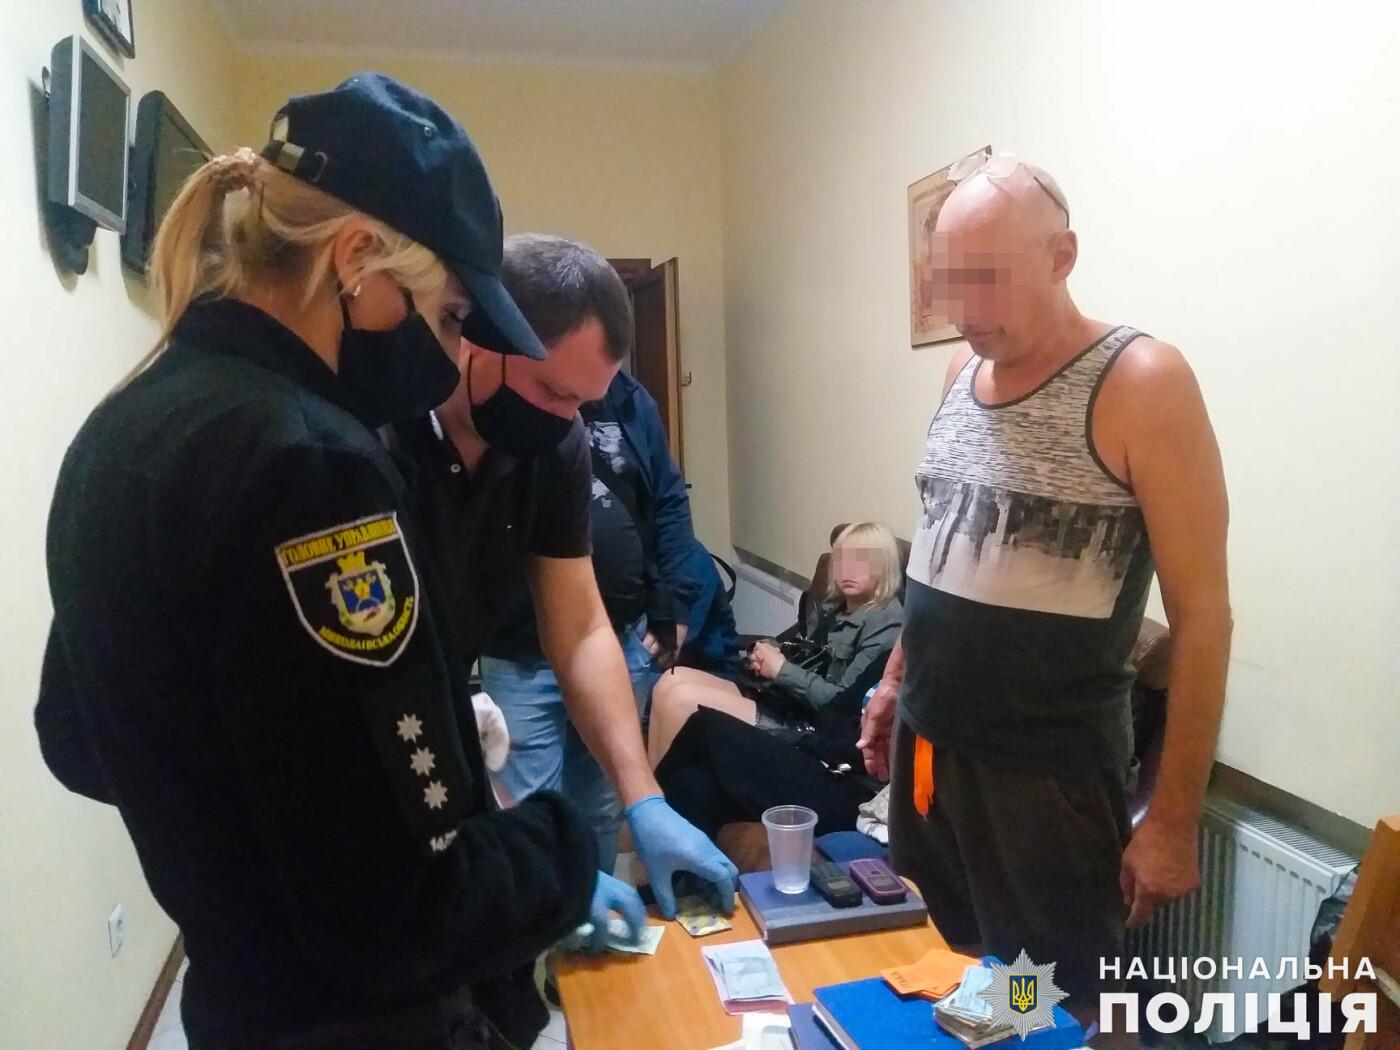 В Николаеве задержали администратора бани, который сводил  проституток с клиентами, - ФОТО, ВИДЕО , фото-7